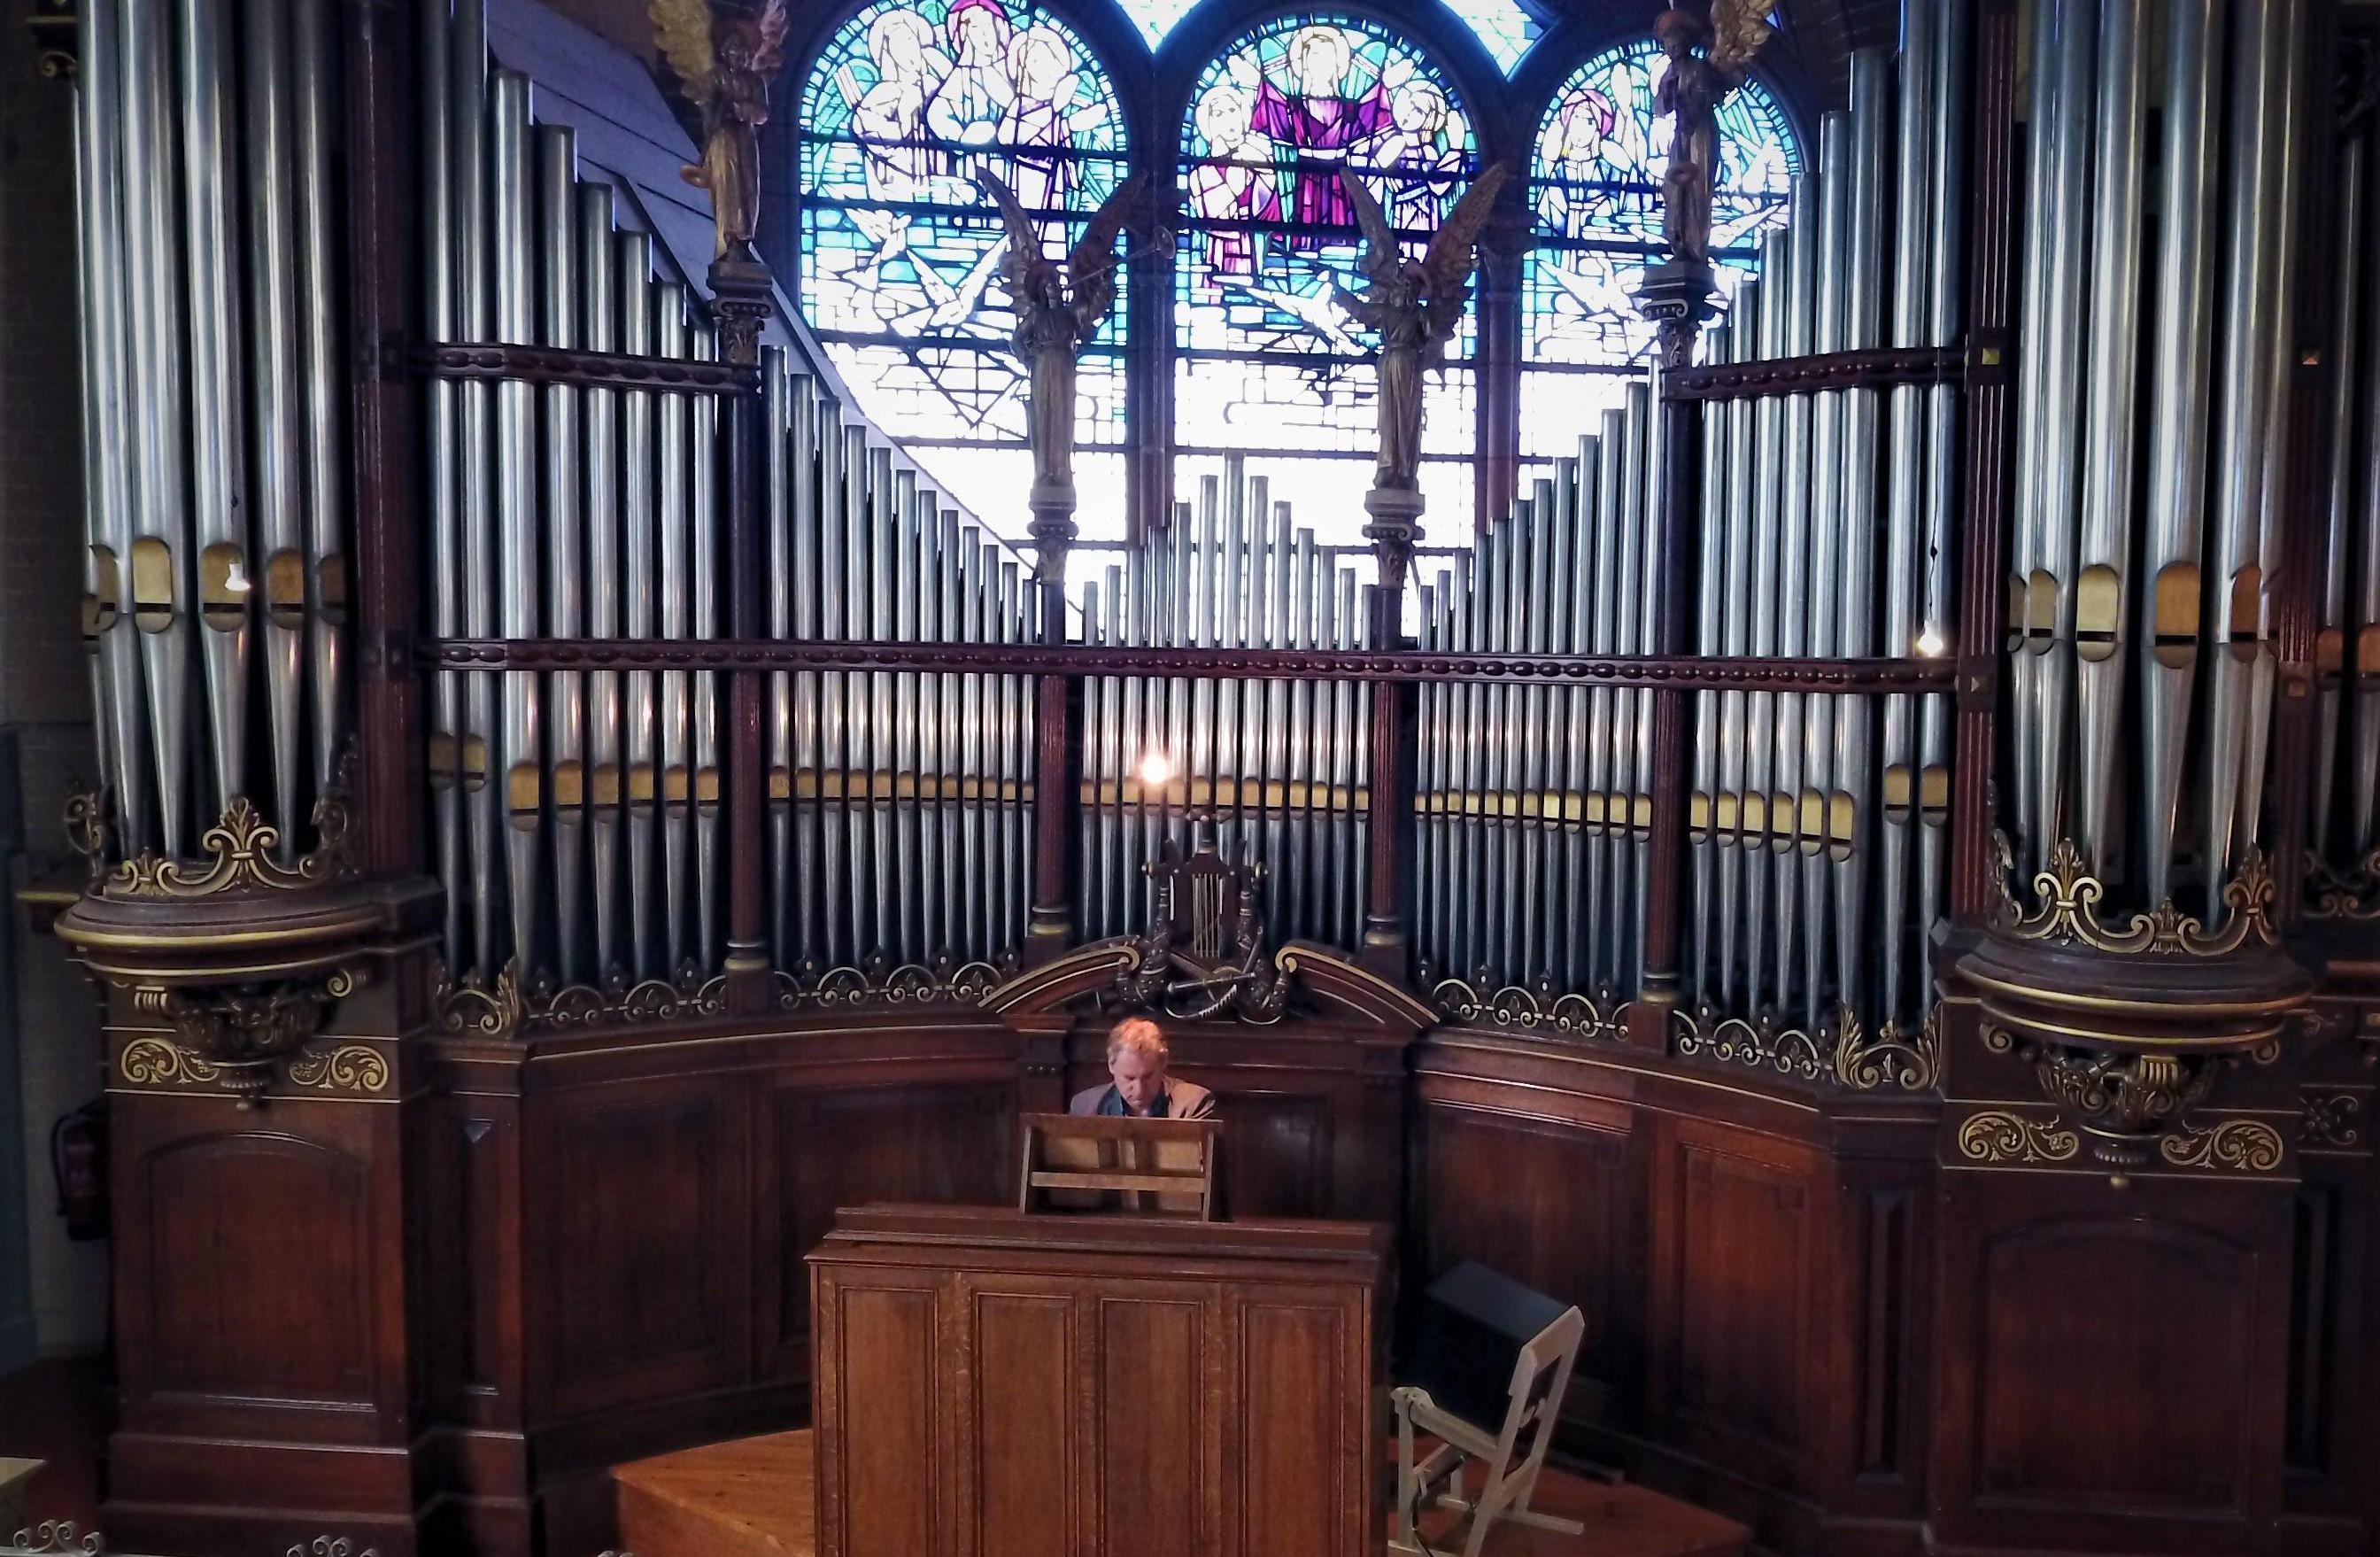 Stadsorganist Mark Heerink laat muziek componeren speciaal voor Hoornse orgels: 'Hoorn kan zich profileren als stad met orgelcultuur'